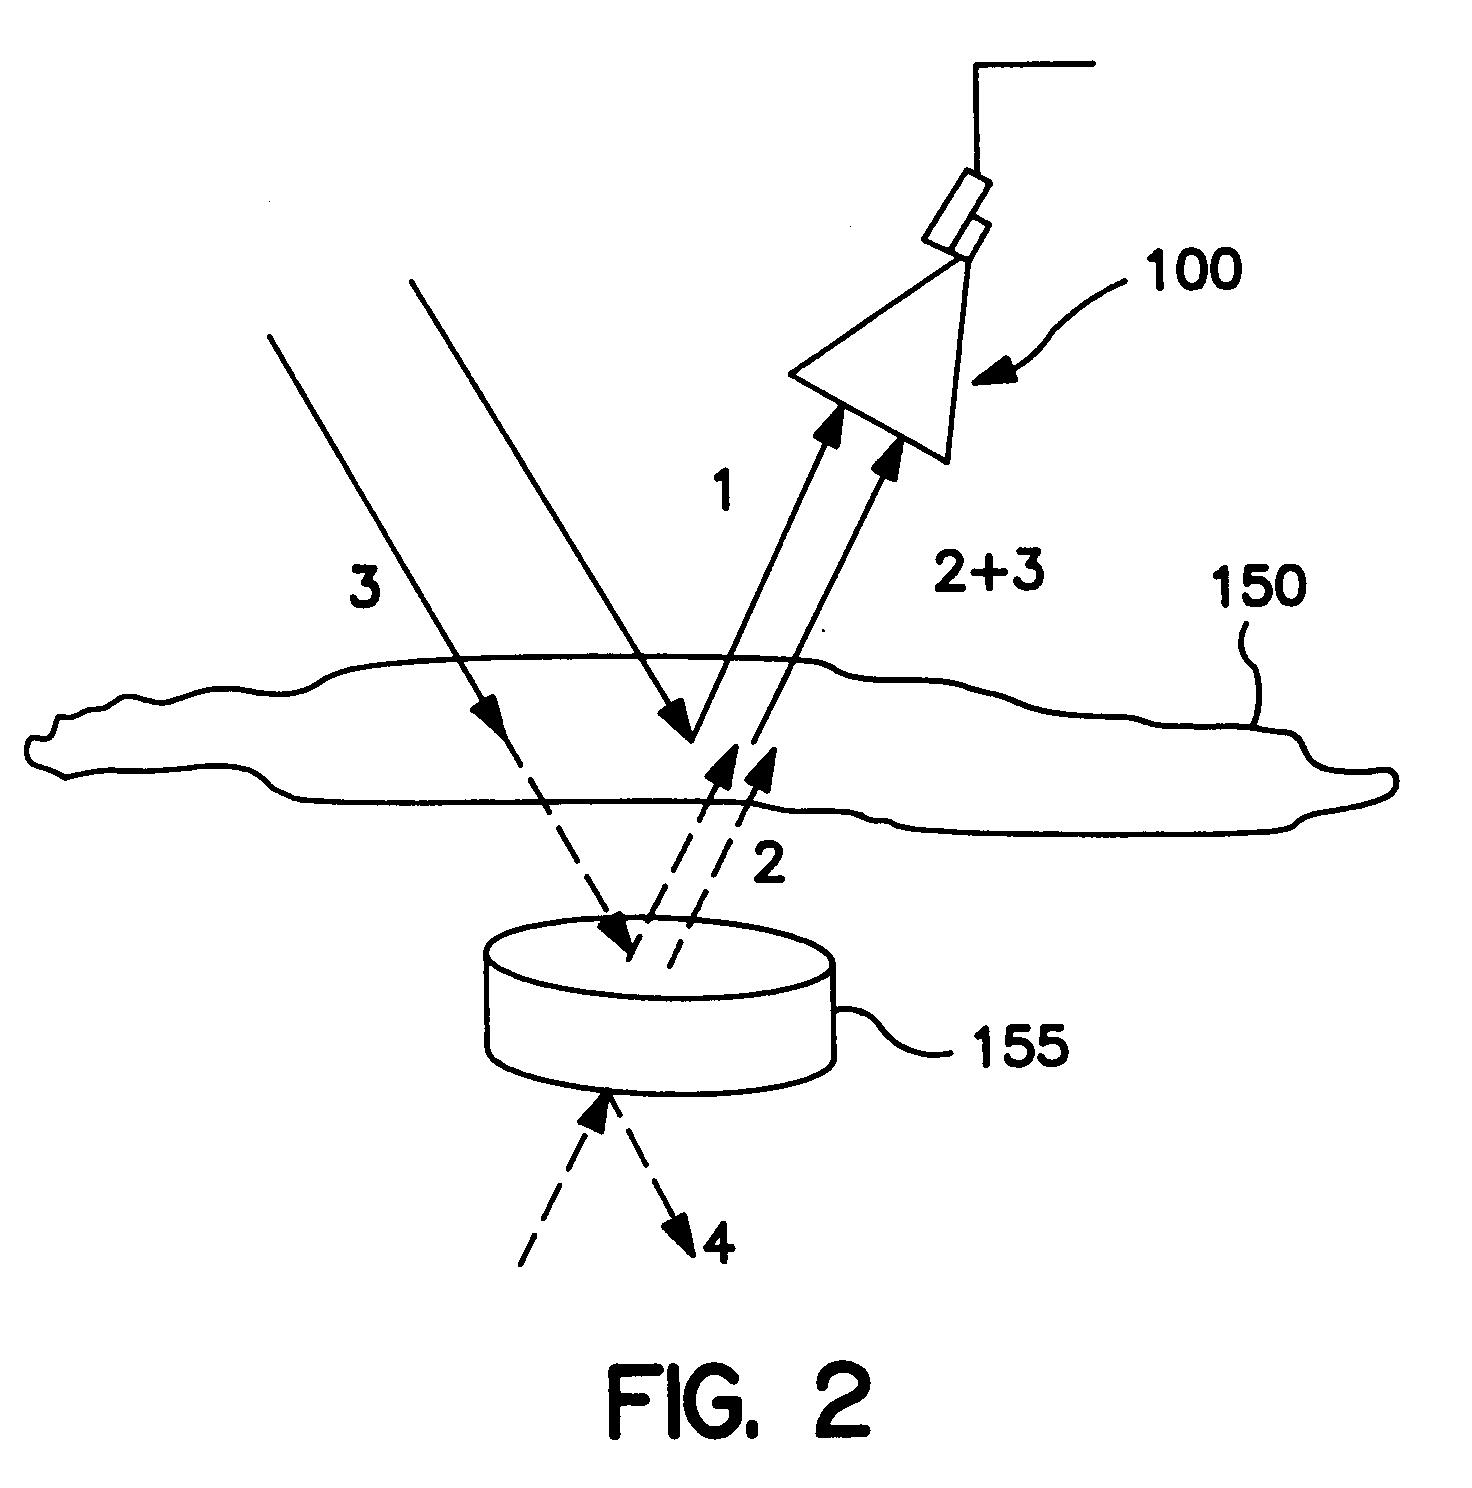 patent ep0872700a2 verfahren und vorrichtung zum erkennen von landminen mittels radiometrie. Black Bedroom Furniture Sets. Home Design Ideas